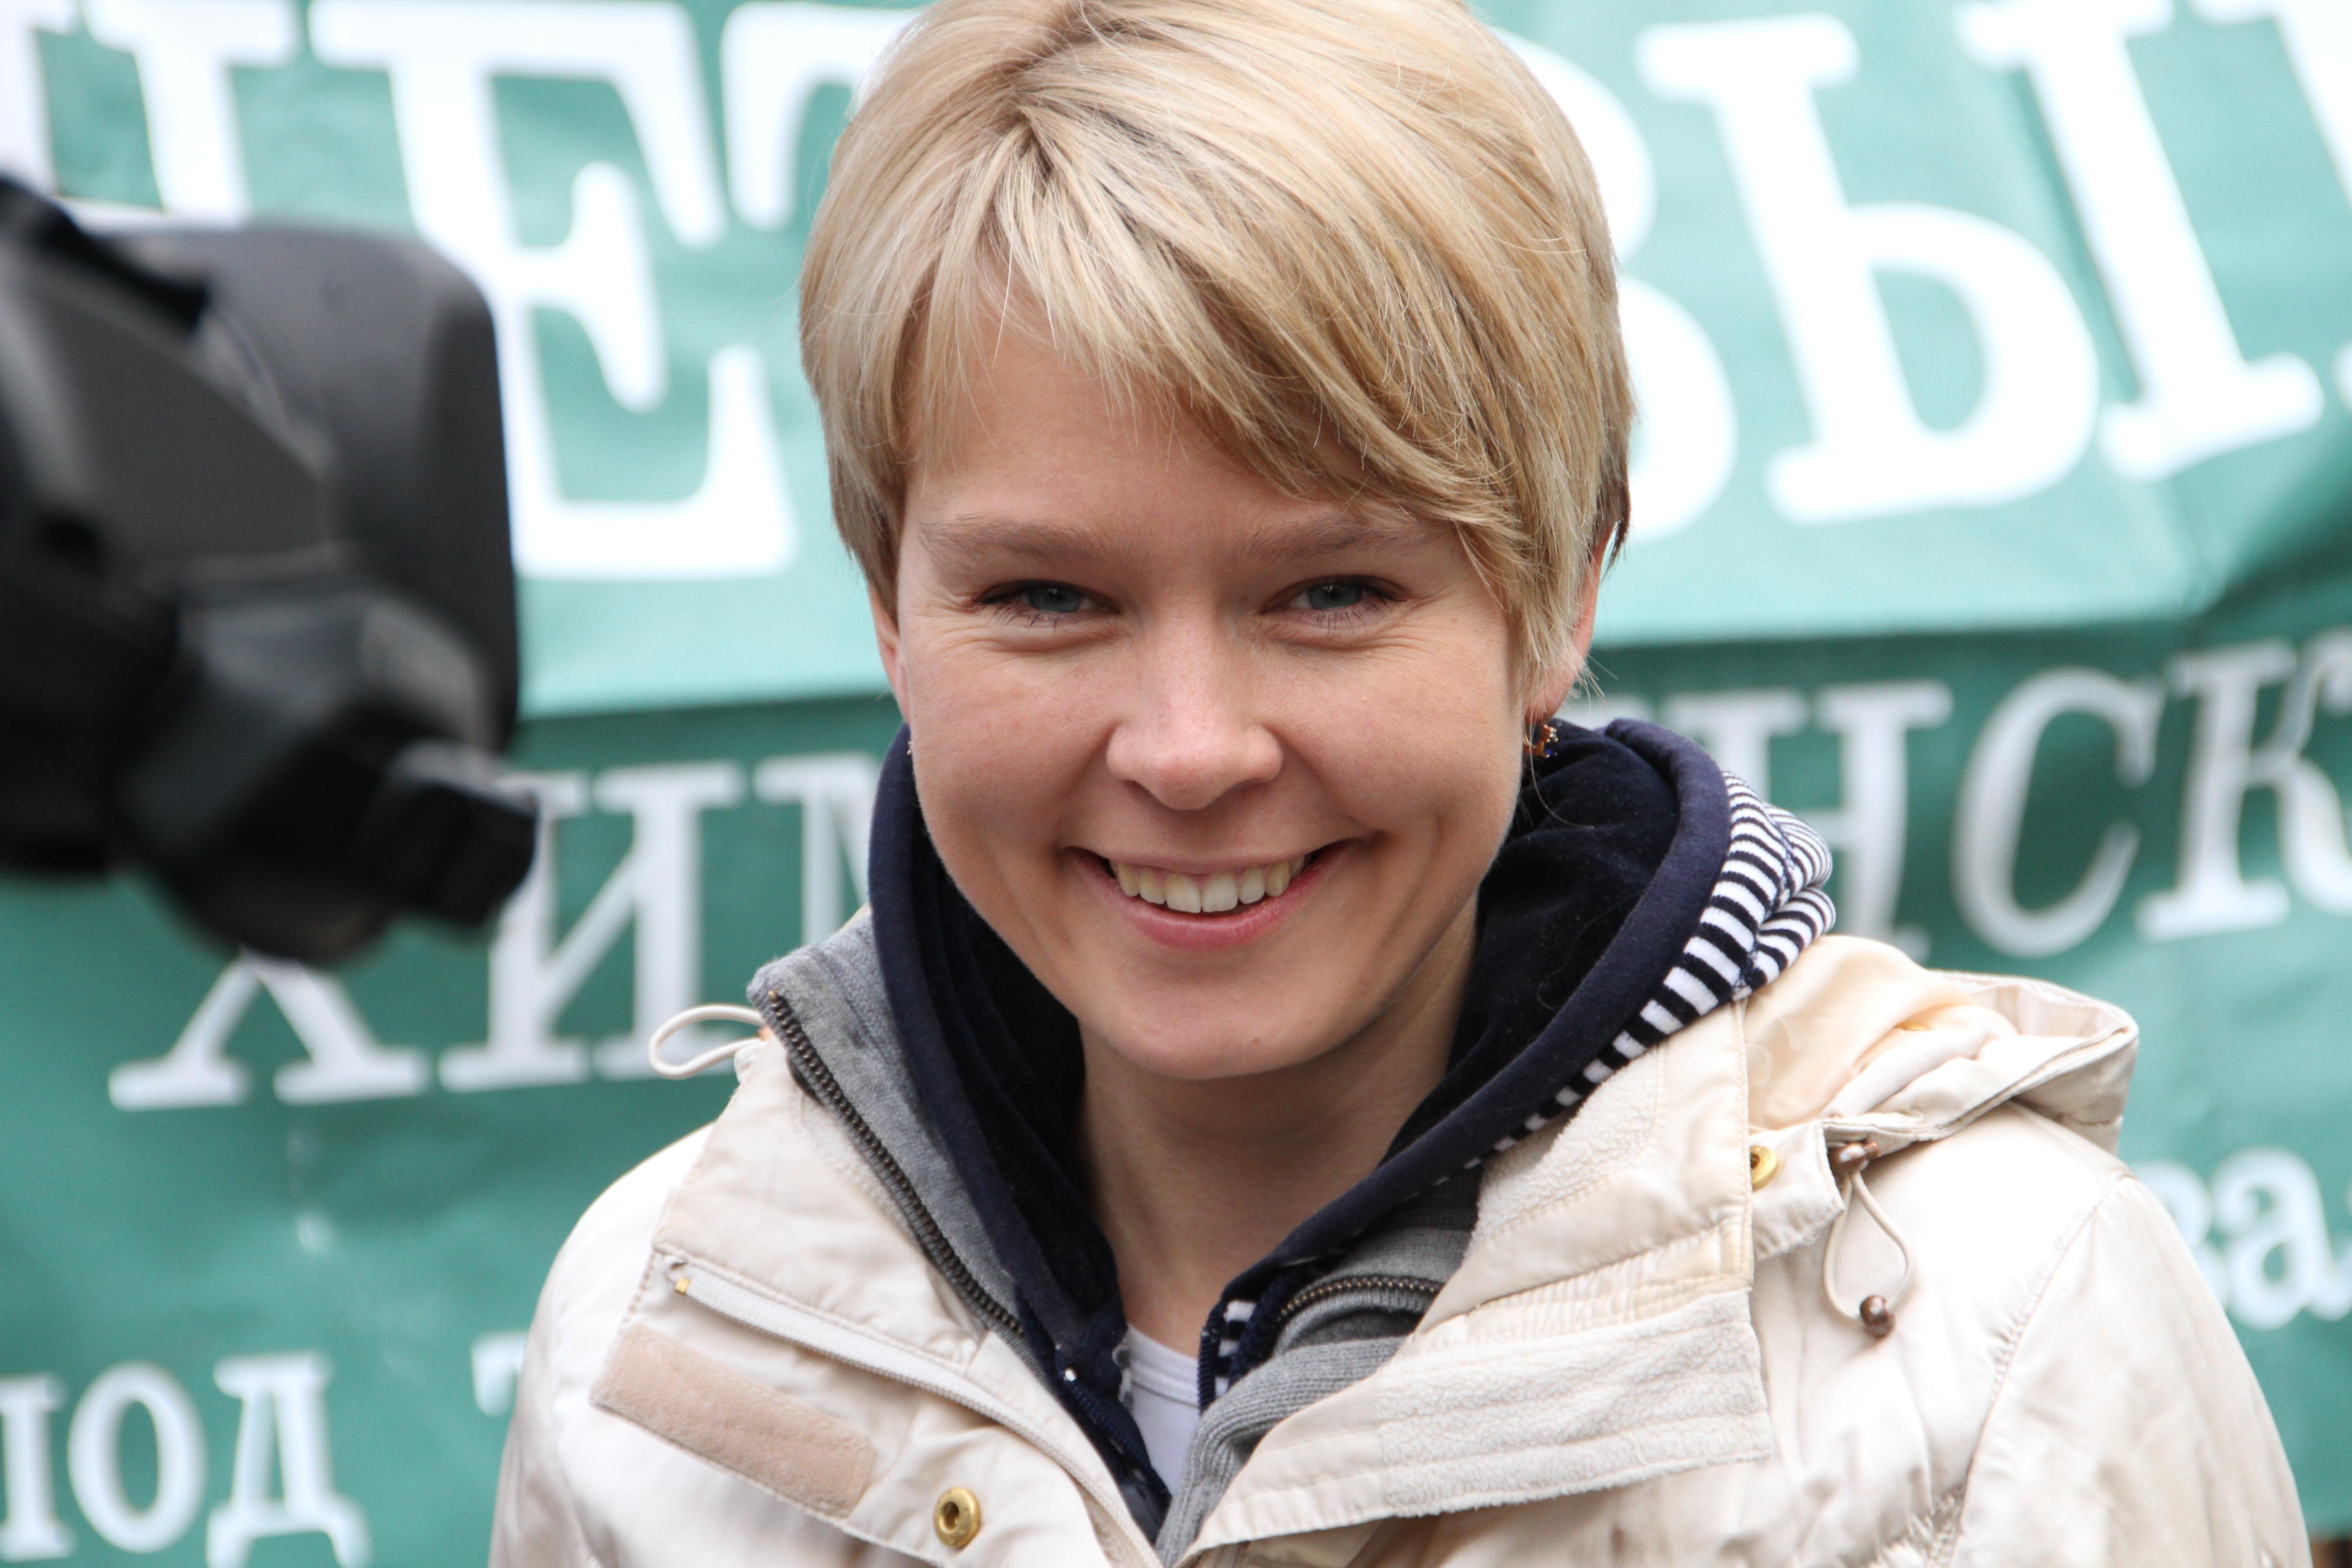 Yevgeniya Chirikova